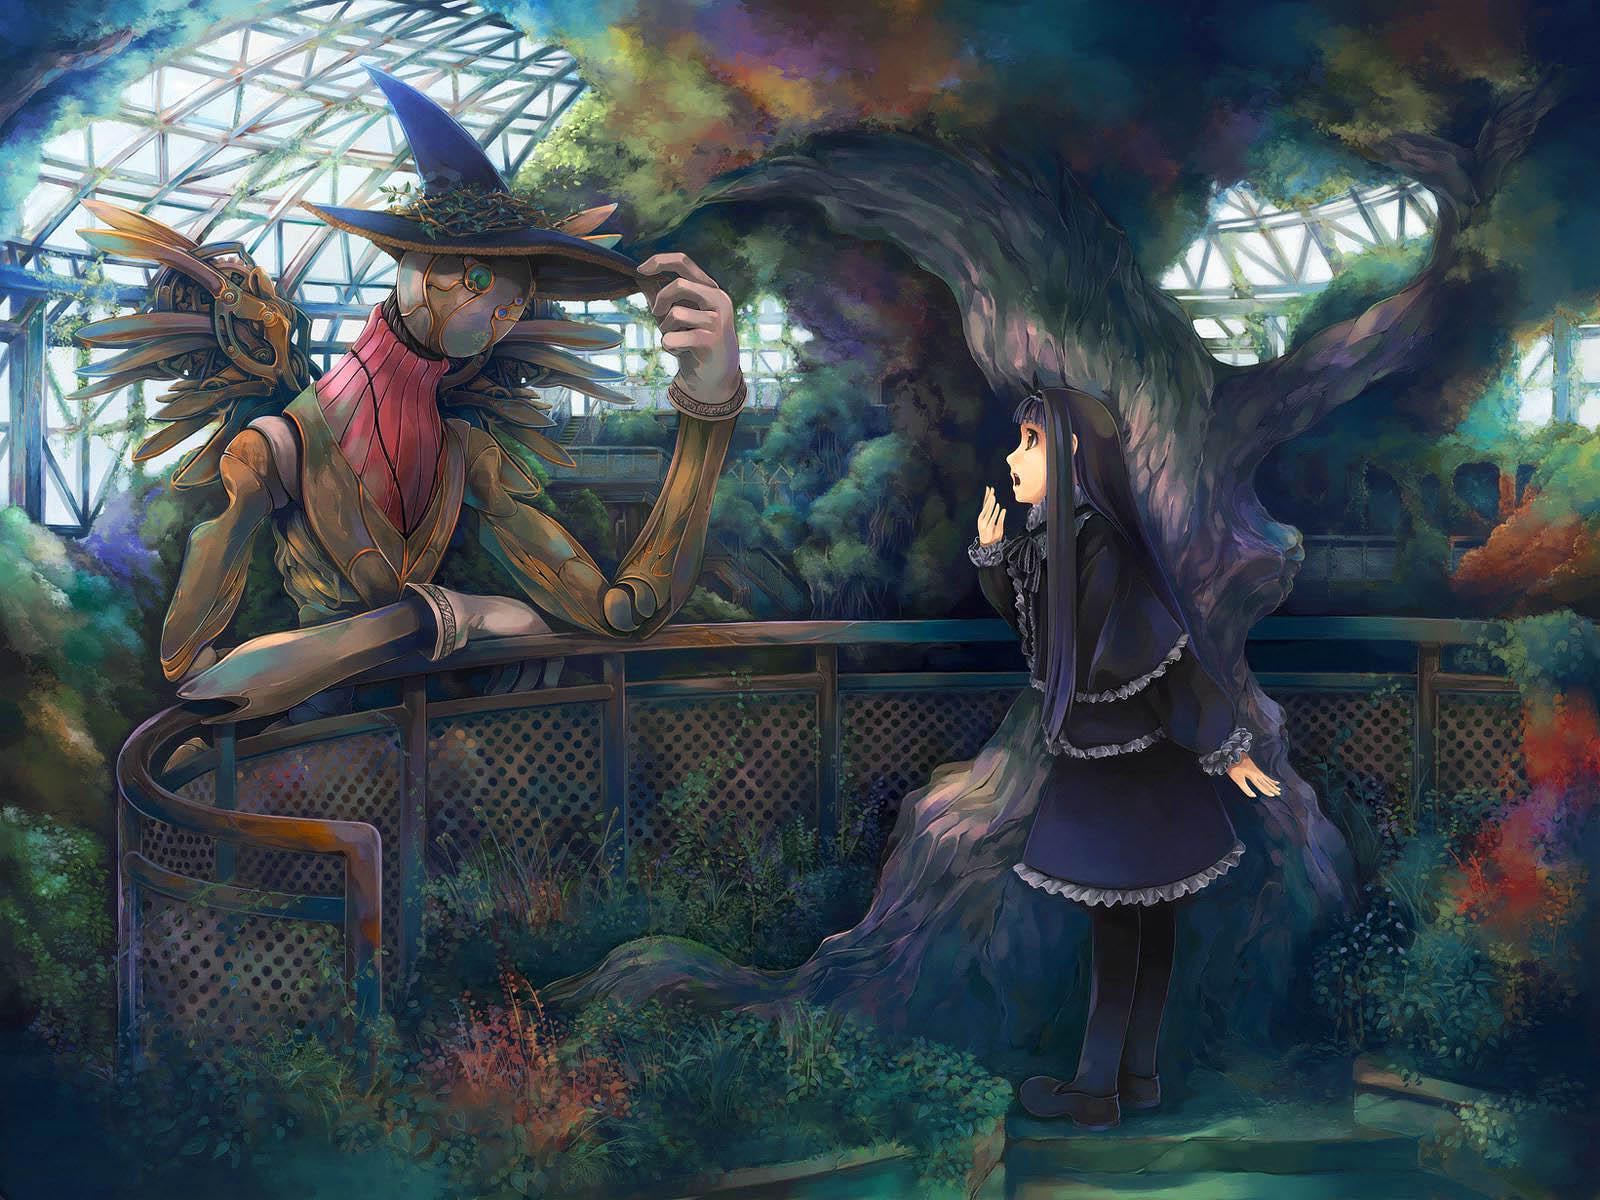 anime girls wallpaper best anime girls hd wallpapers best anime girls 1600x1200